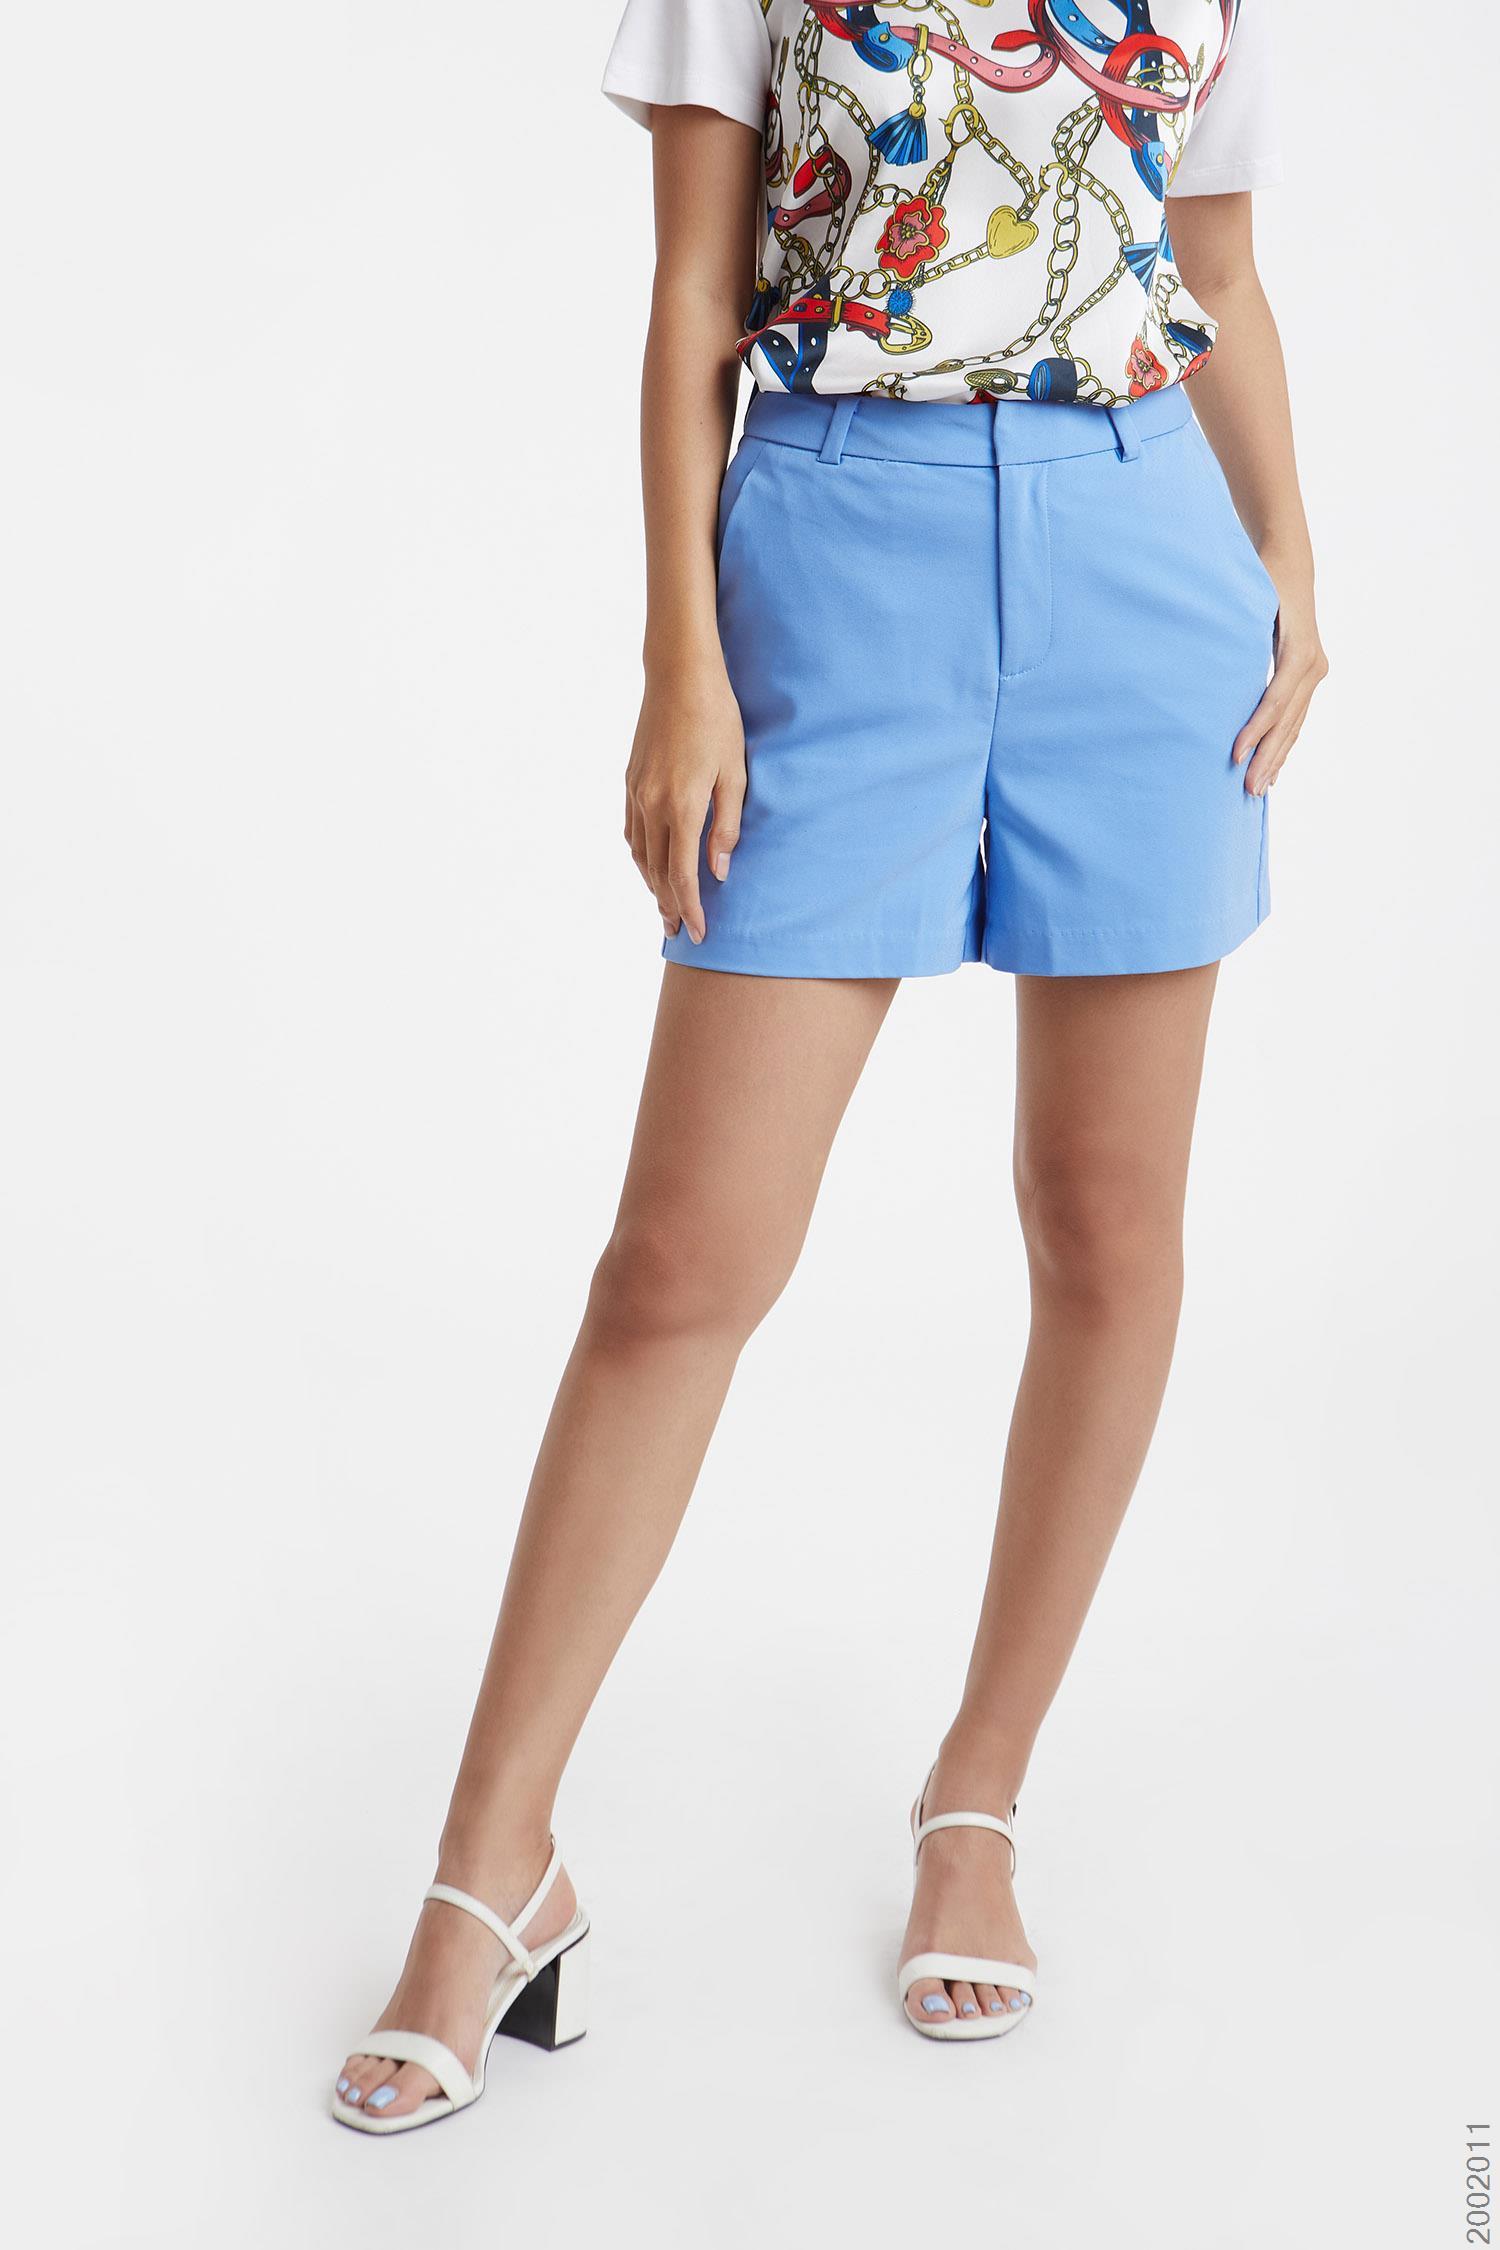 quần short nữ -2002011